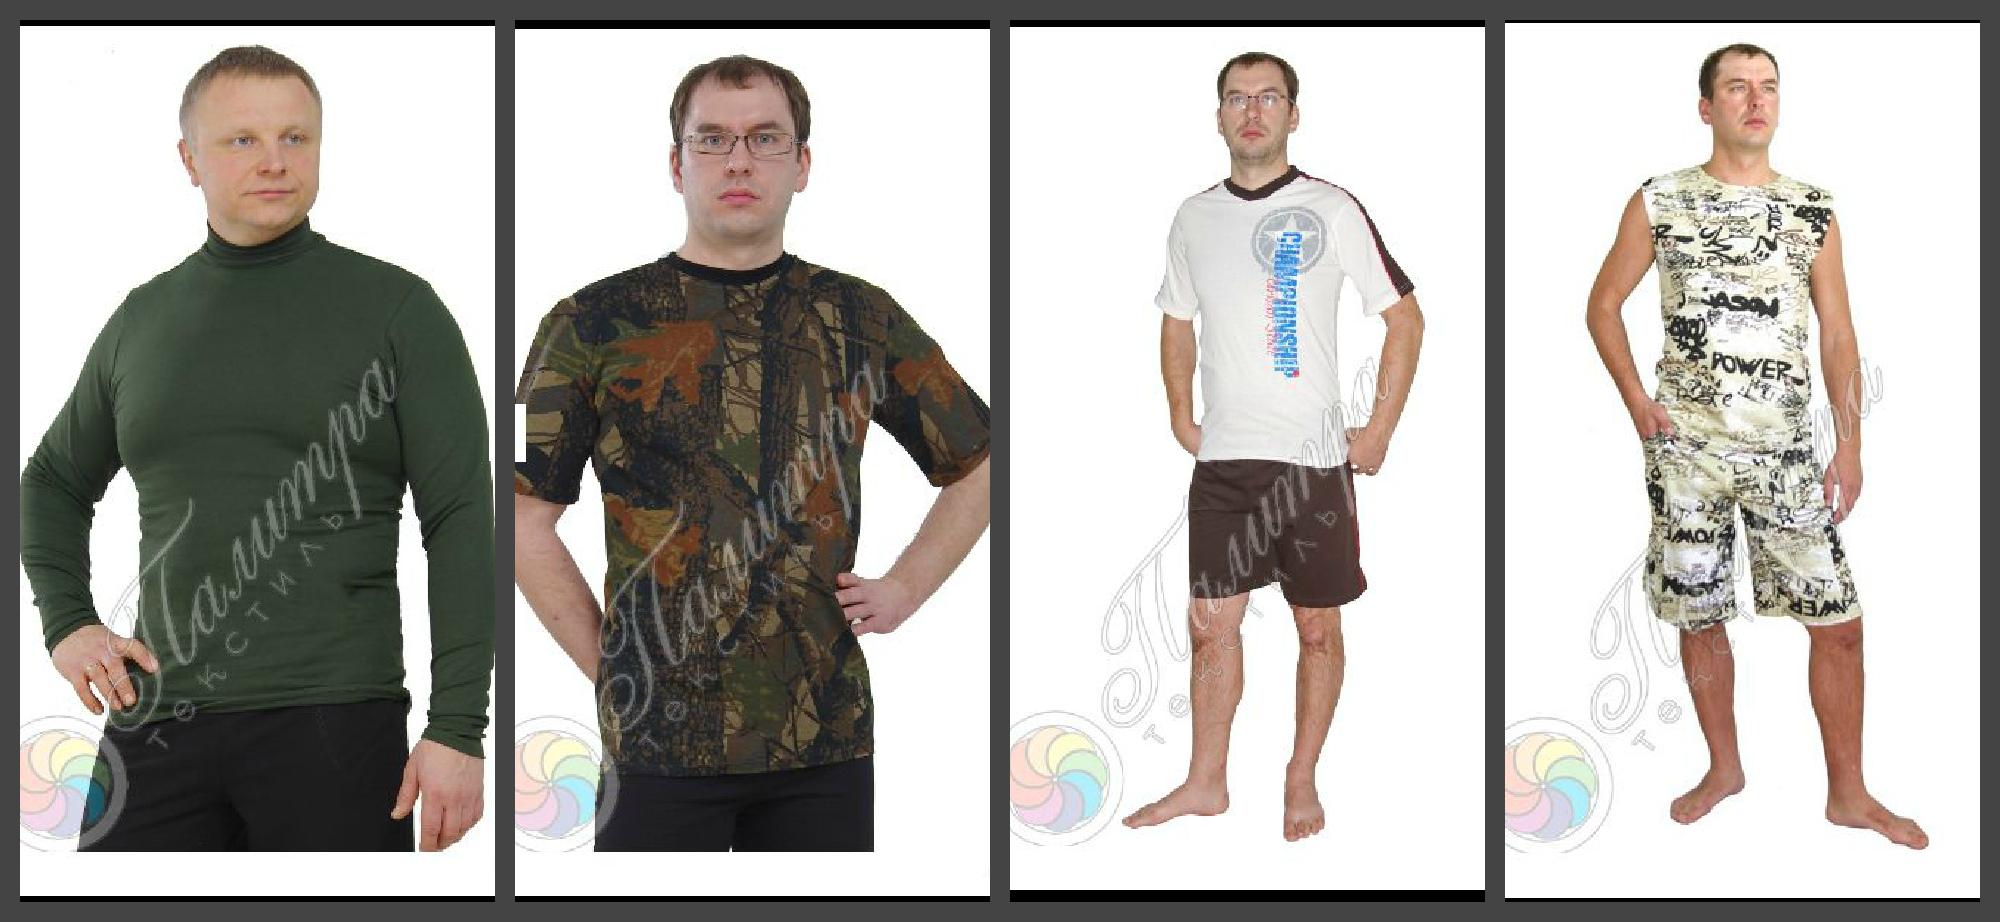 Сбор заказов. Мужской трикотаж . Свитера, тельняшки , водолазки , футболки , майки , брюки , трико и кальсоны. Камуфляж , рабочая одежда , а также обувь . Также есть женские и детские модели.Самые низкие цены! Размеры: 40-62 . Выкуп-8. Много новинок!